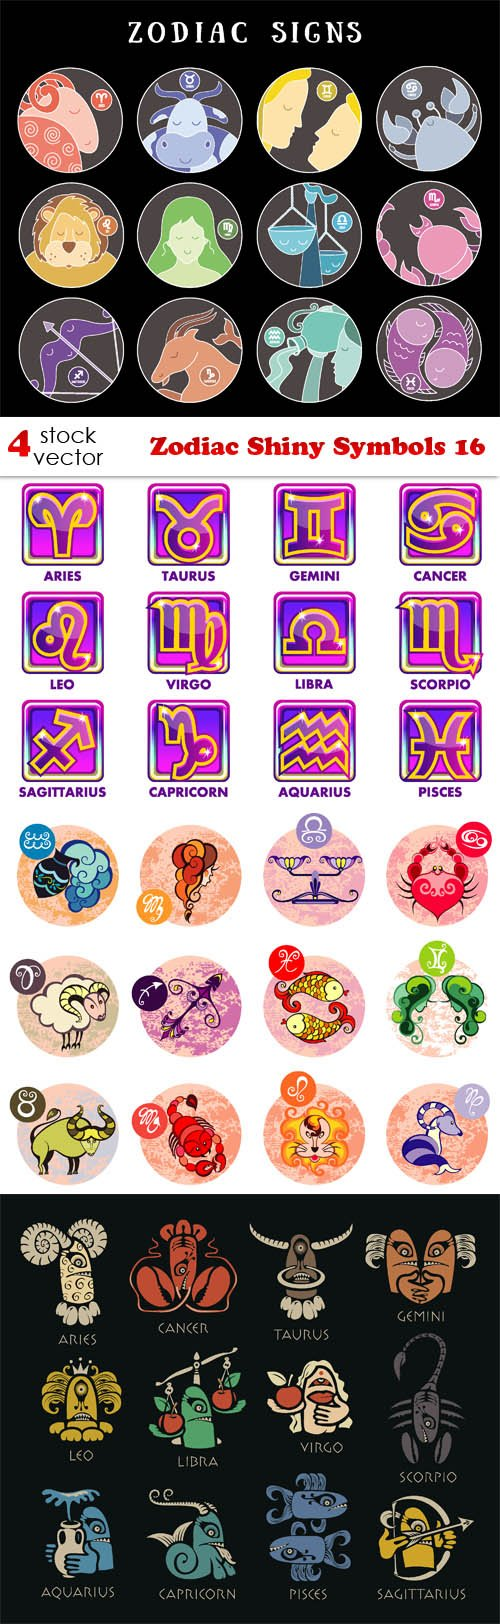 Vectors - Zodiac Shiny Symbols 16